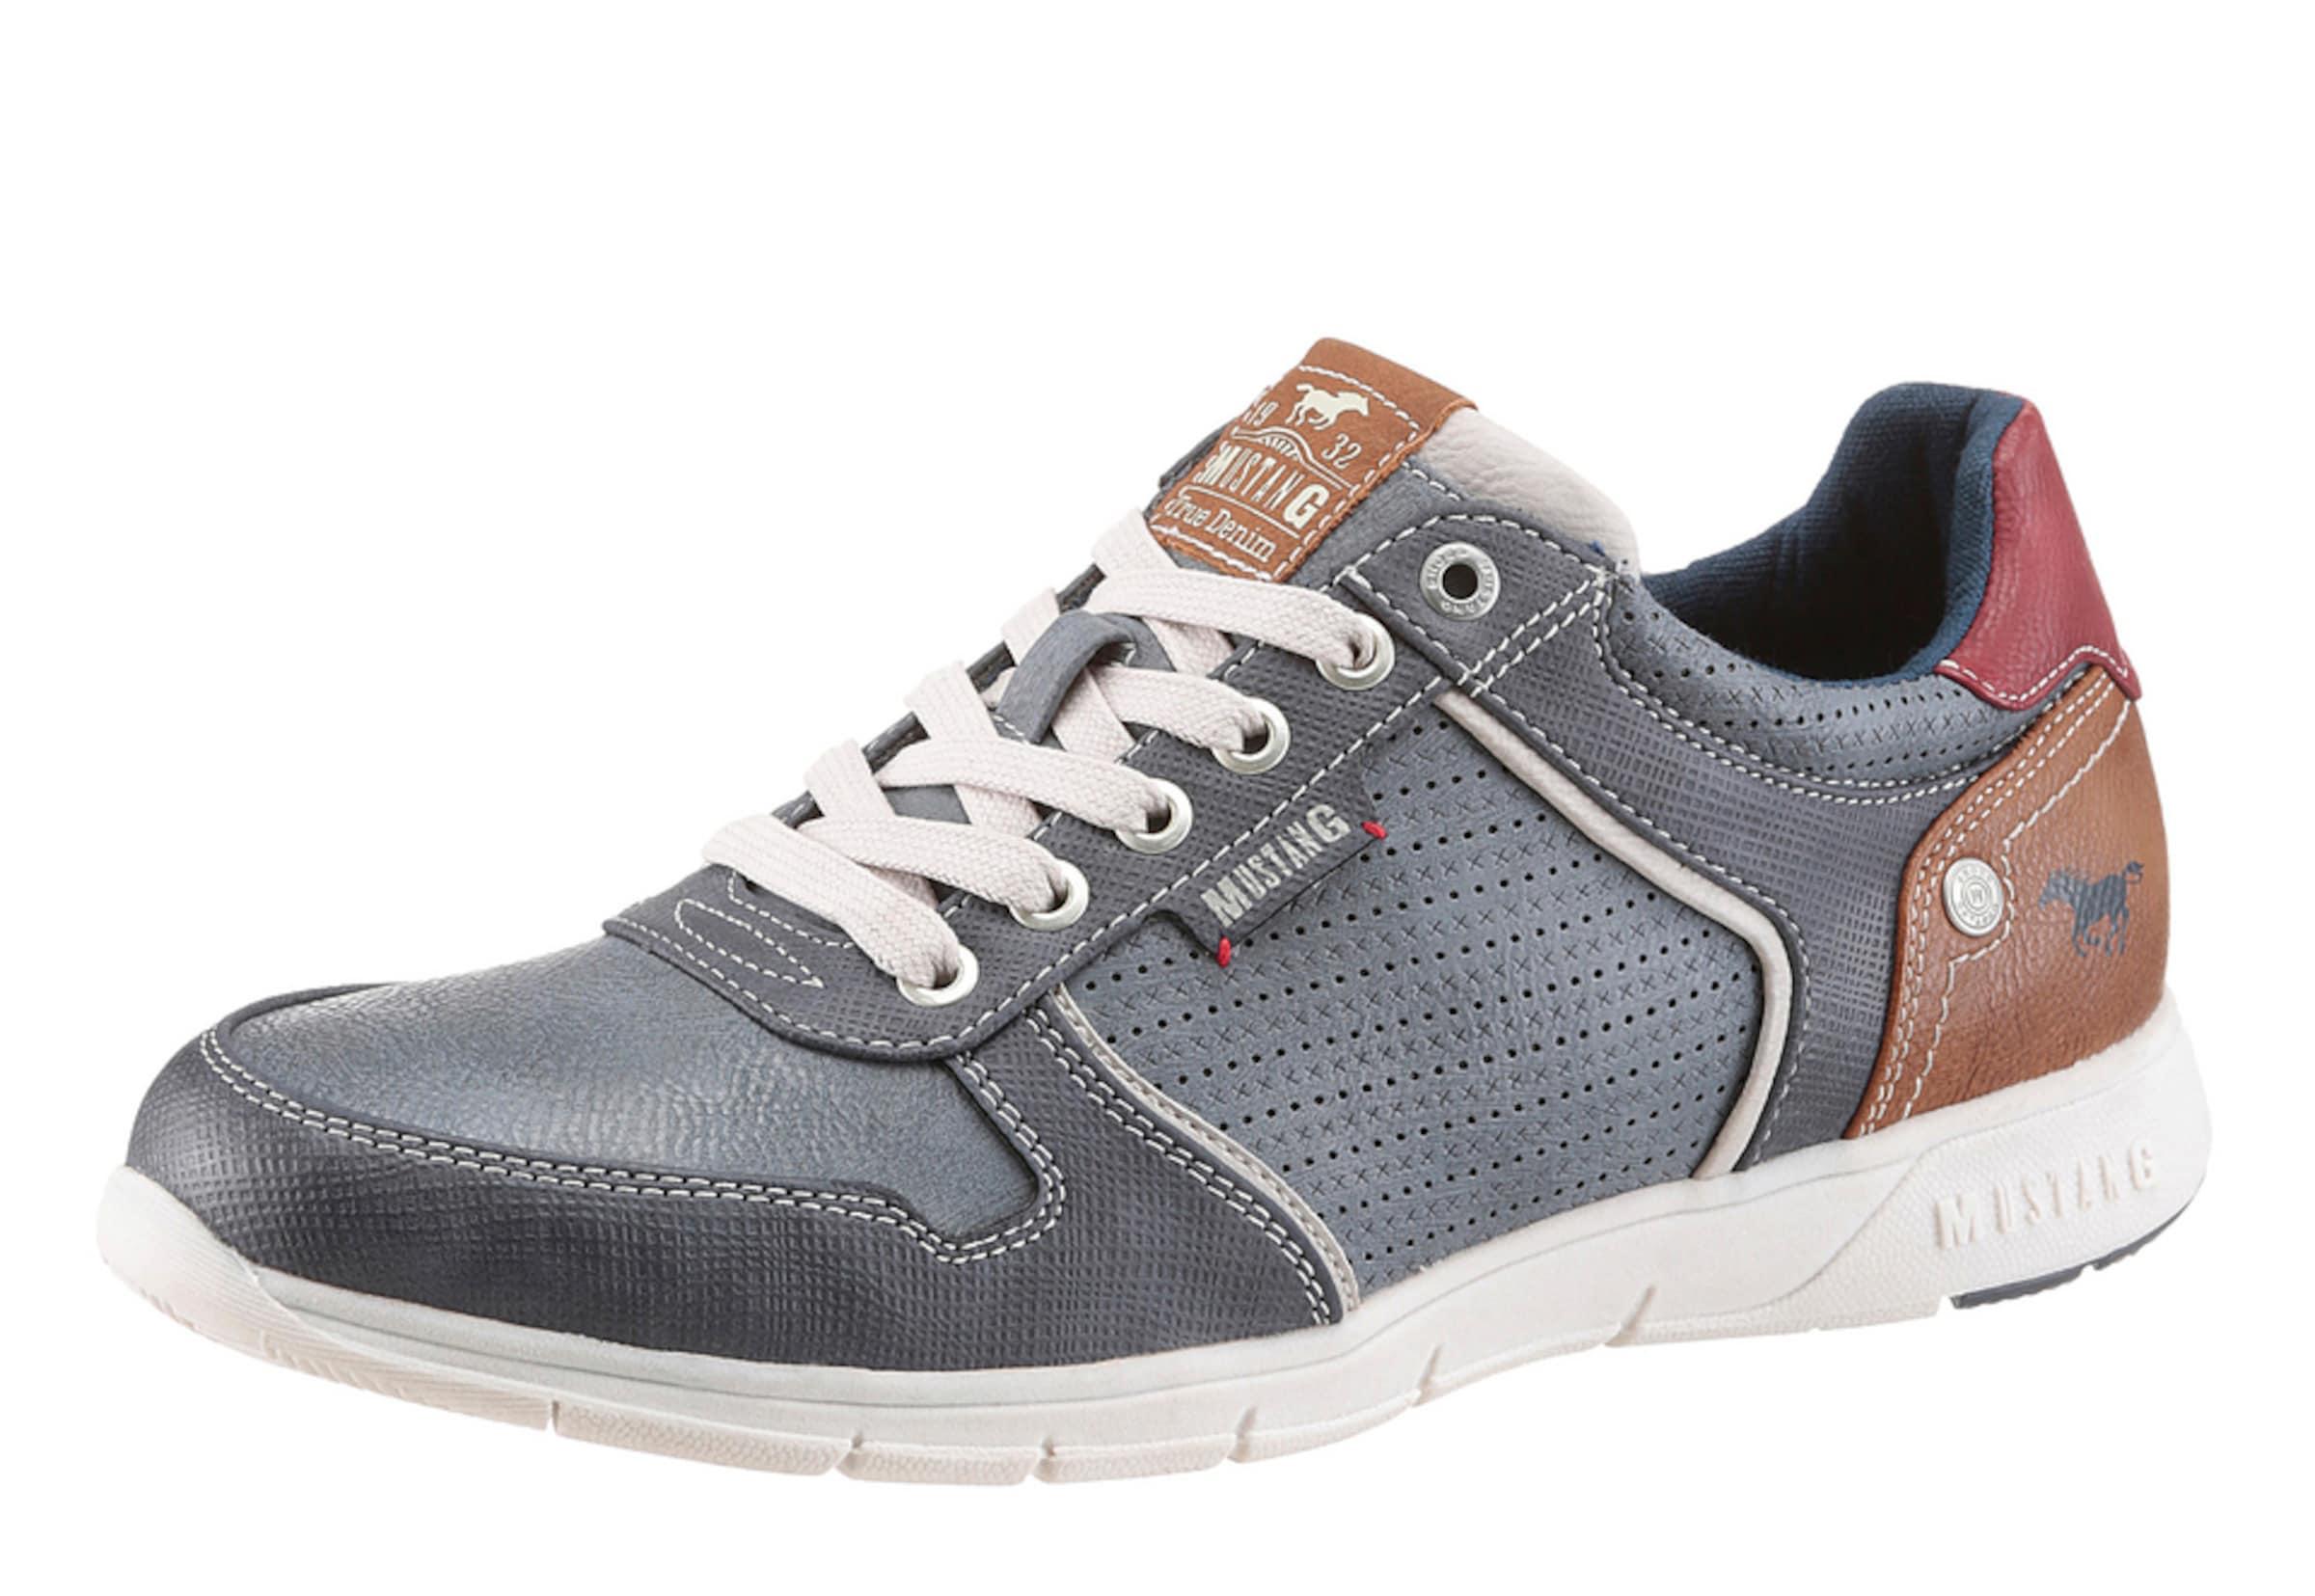 MUSTANG Sneaker Günstige und langlebige Schuhe Schuhe langlebige 0ebd75